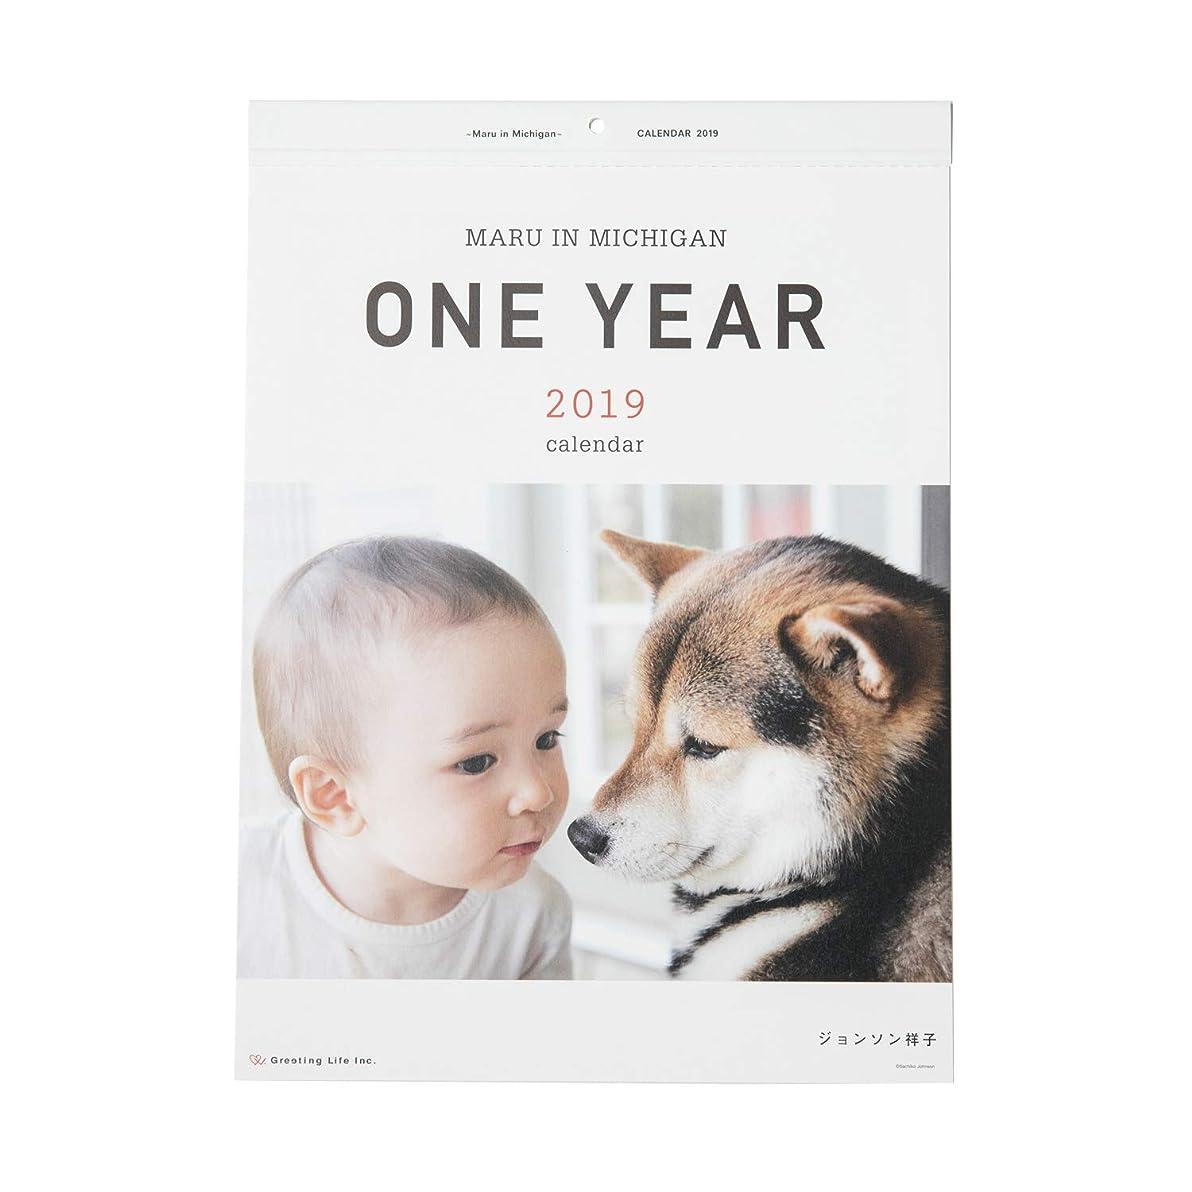 バストいたずら単なるグリーティングライフ 2019年 ONE YEAR ~Maru in Michigan~ カレンダー 壁掛け C-1055-JS 1月始まり